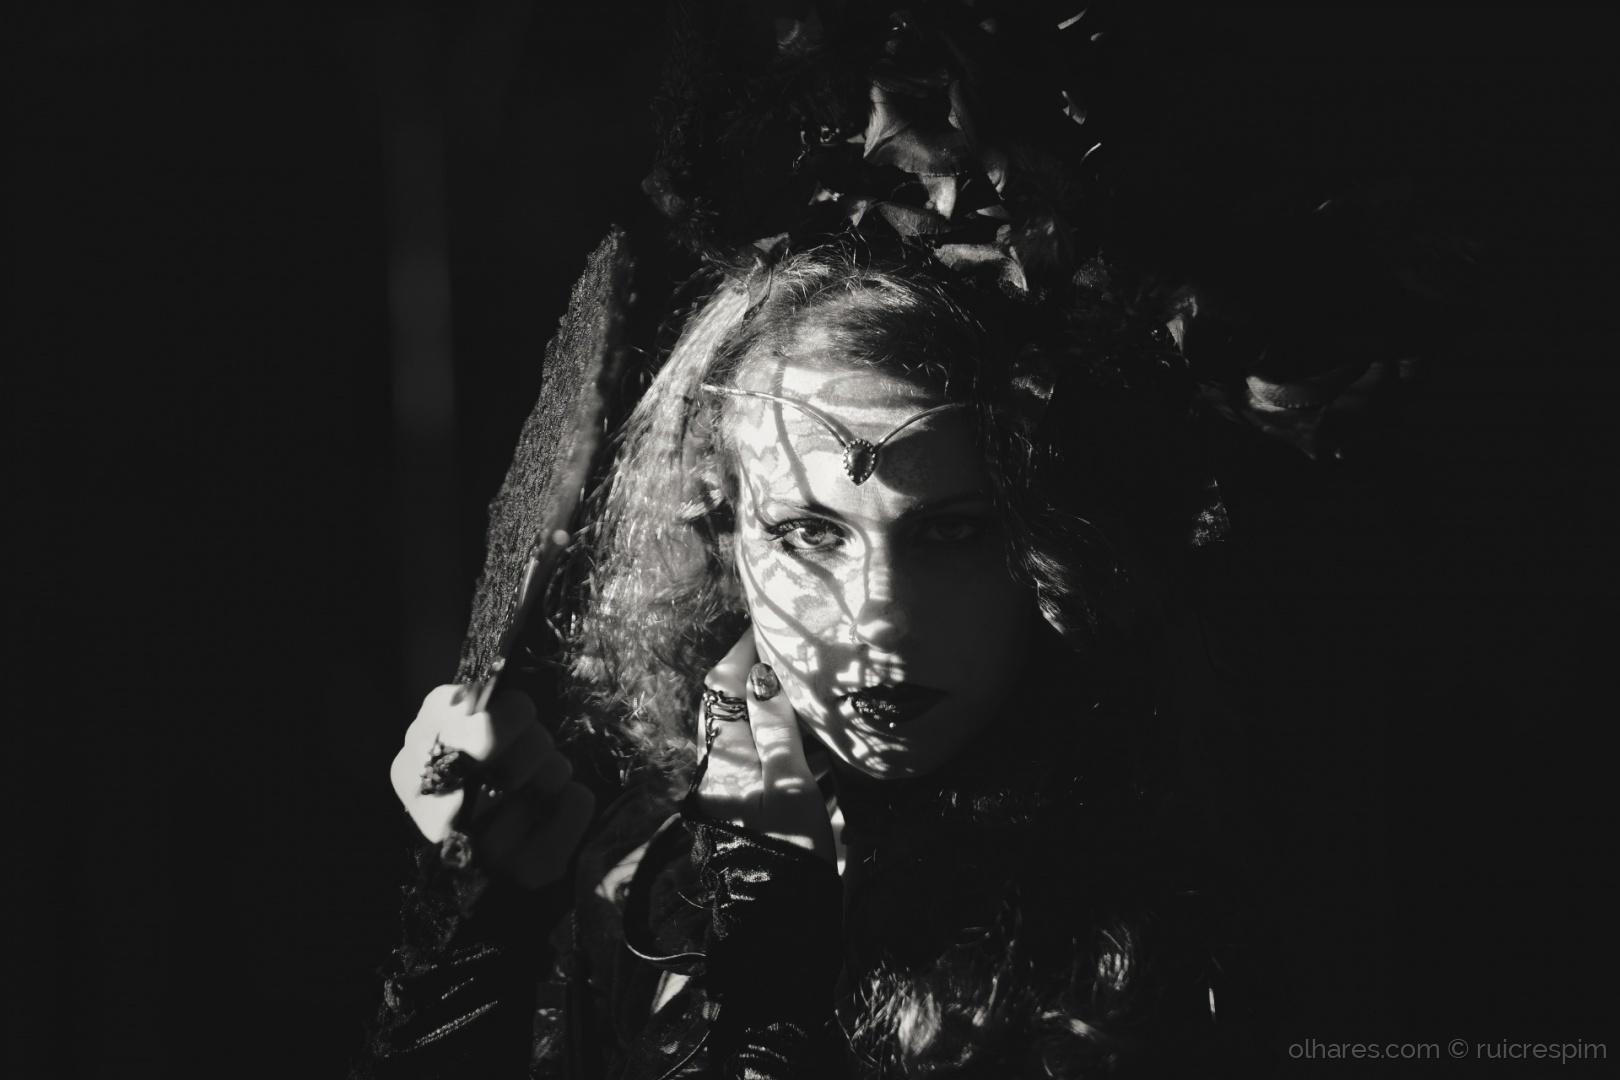 Retratos/Evento | gothic soul